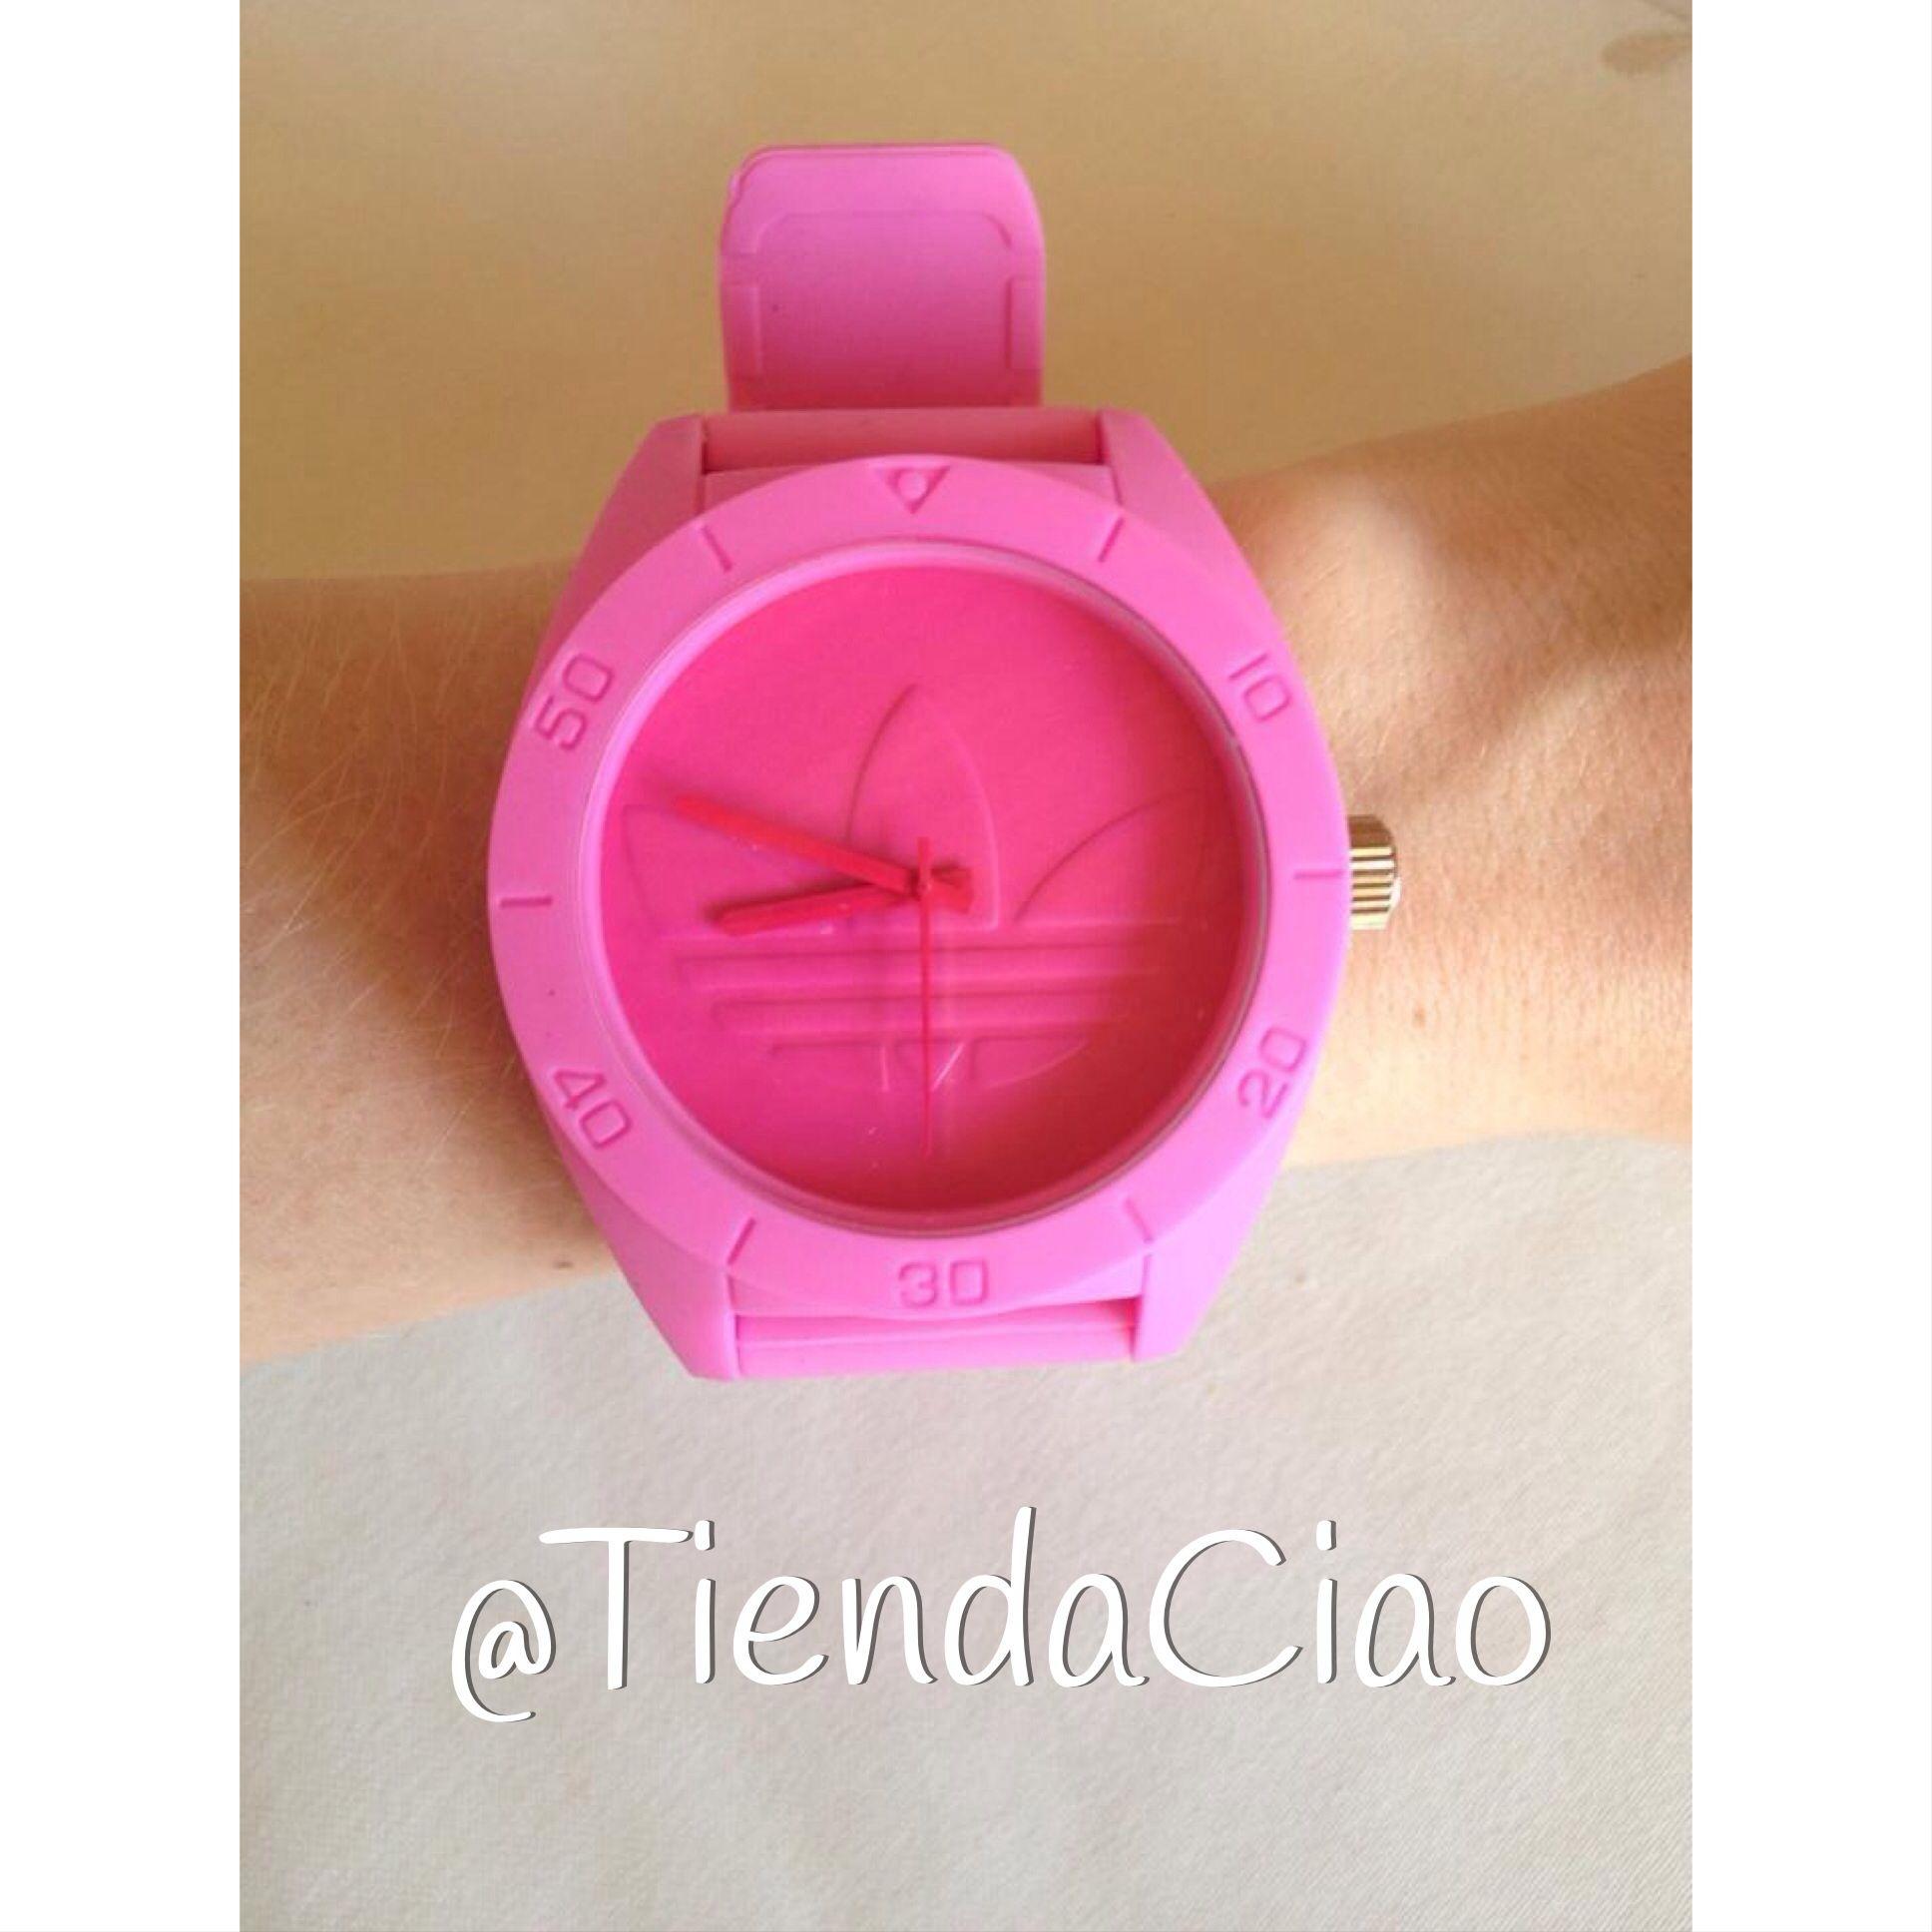 Reloj Adidas!  domicilio  envíos  nacionales  colombia  medellin  choco   6abac4ab9703